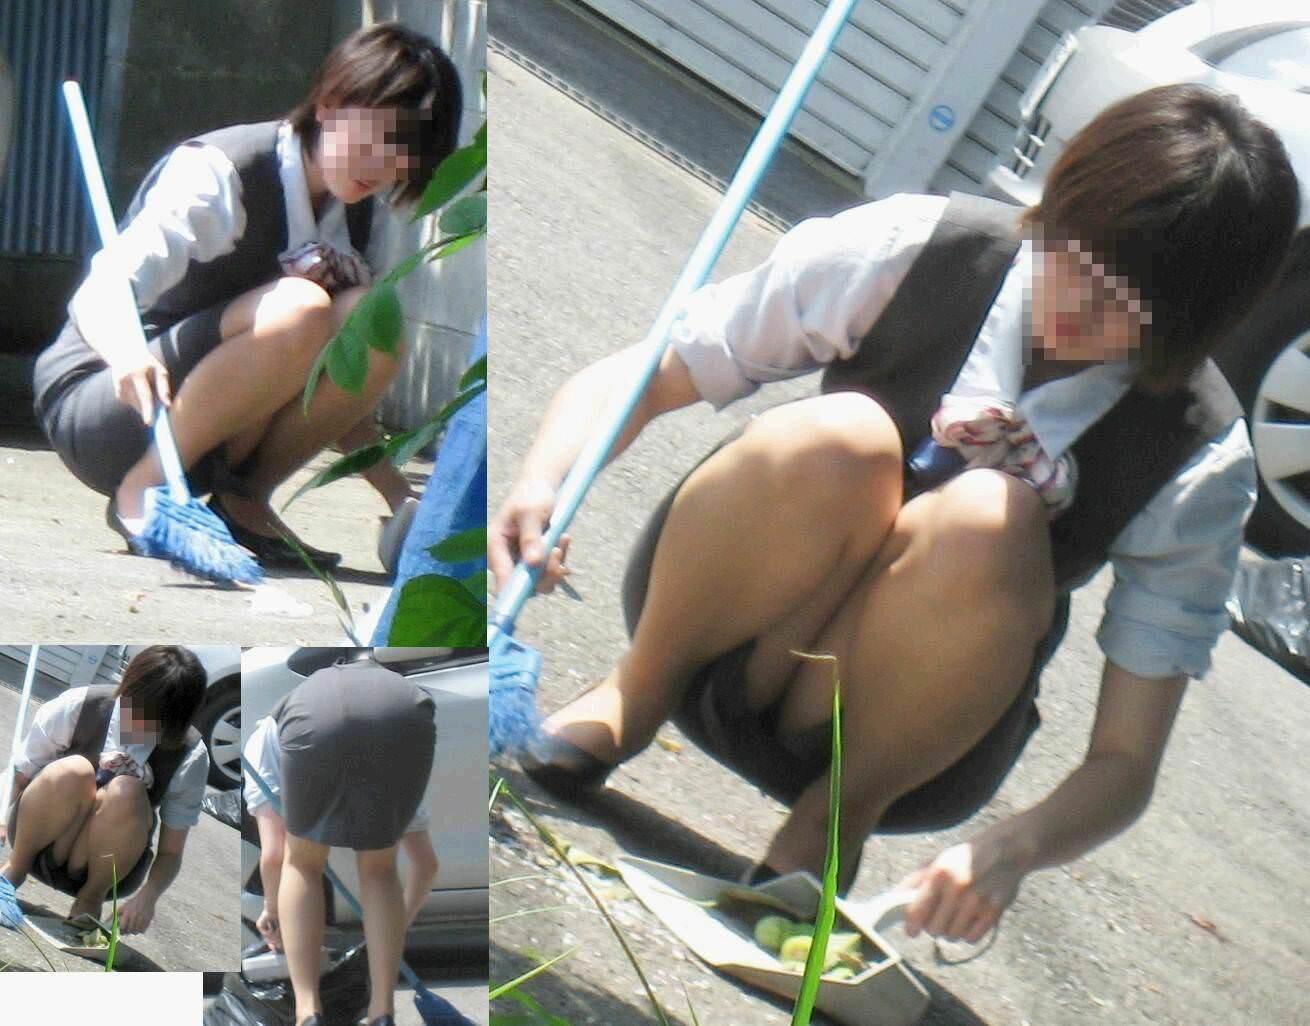 外回りで出会ったOLの街撮りパンチラを偶然盗撮www 1105